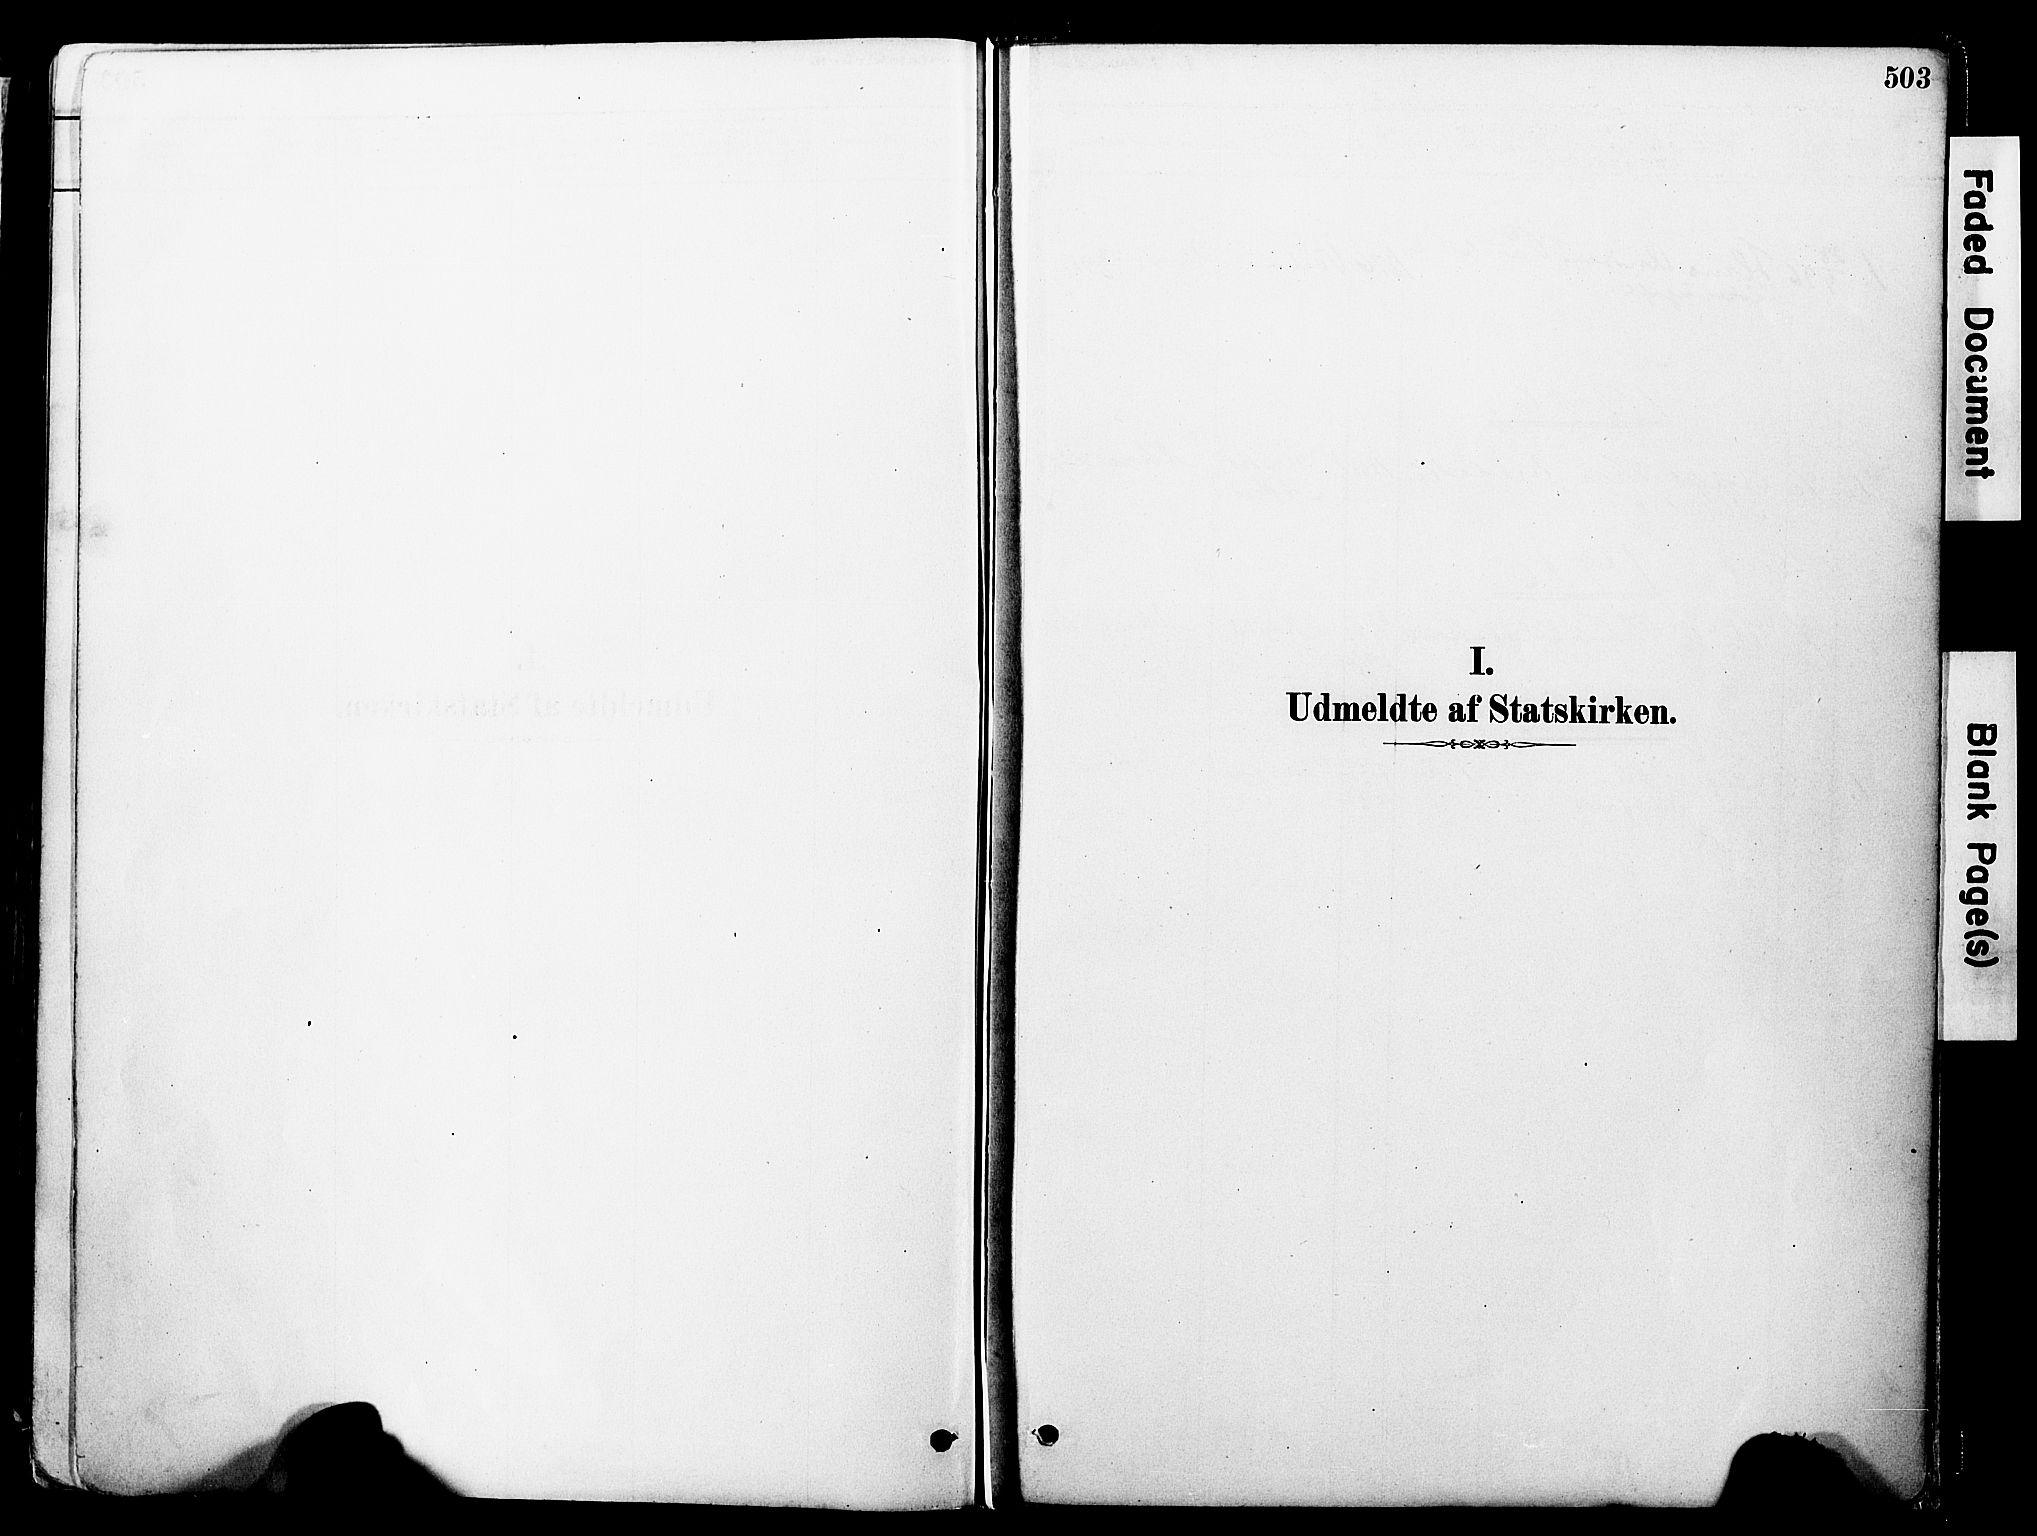 SAT, Ministerialprotokoller, klokkerbøker og fødselsregistre - Møre og Romsdal, 560/L0721: Ministerialbok nr. 560A05, 1878-1917, s. 503